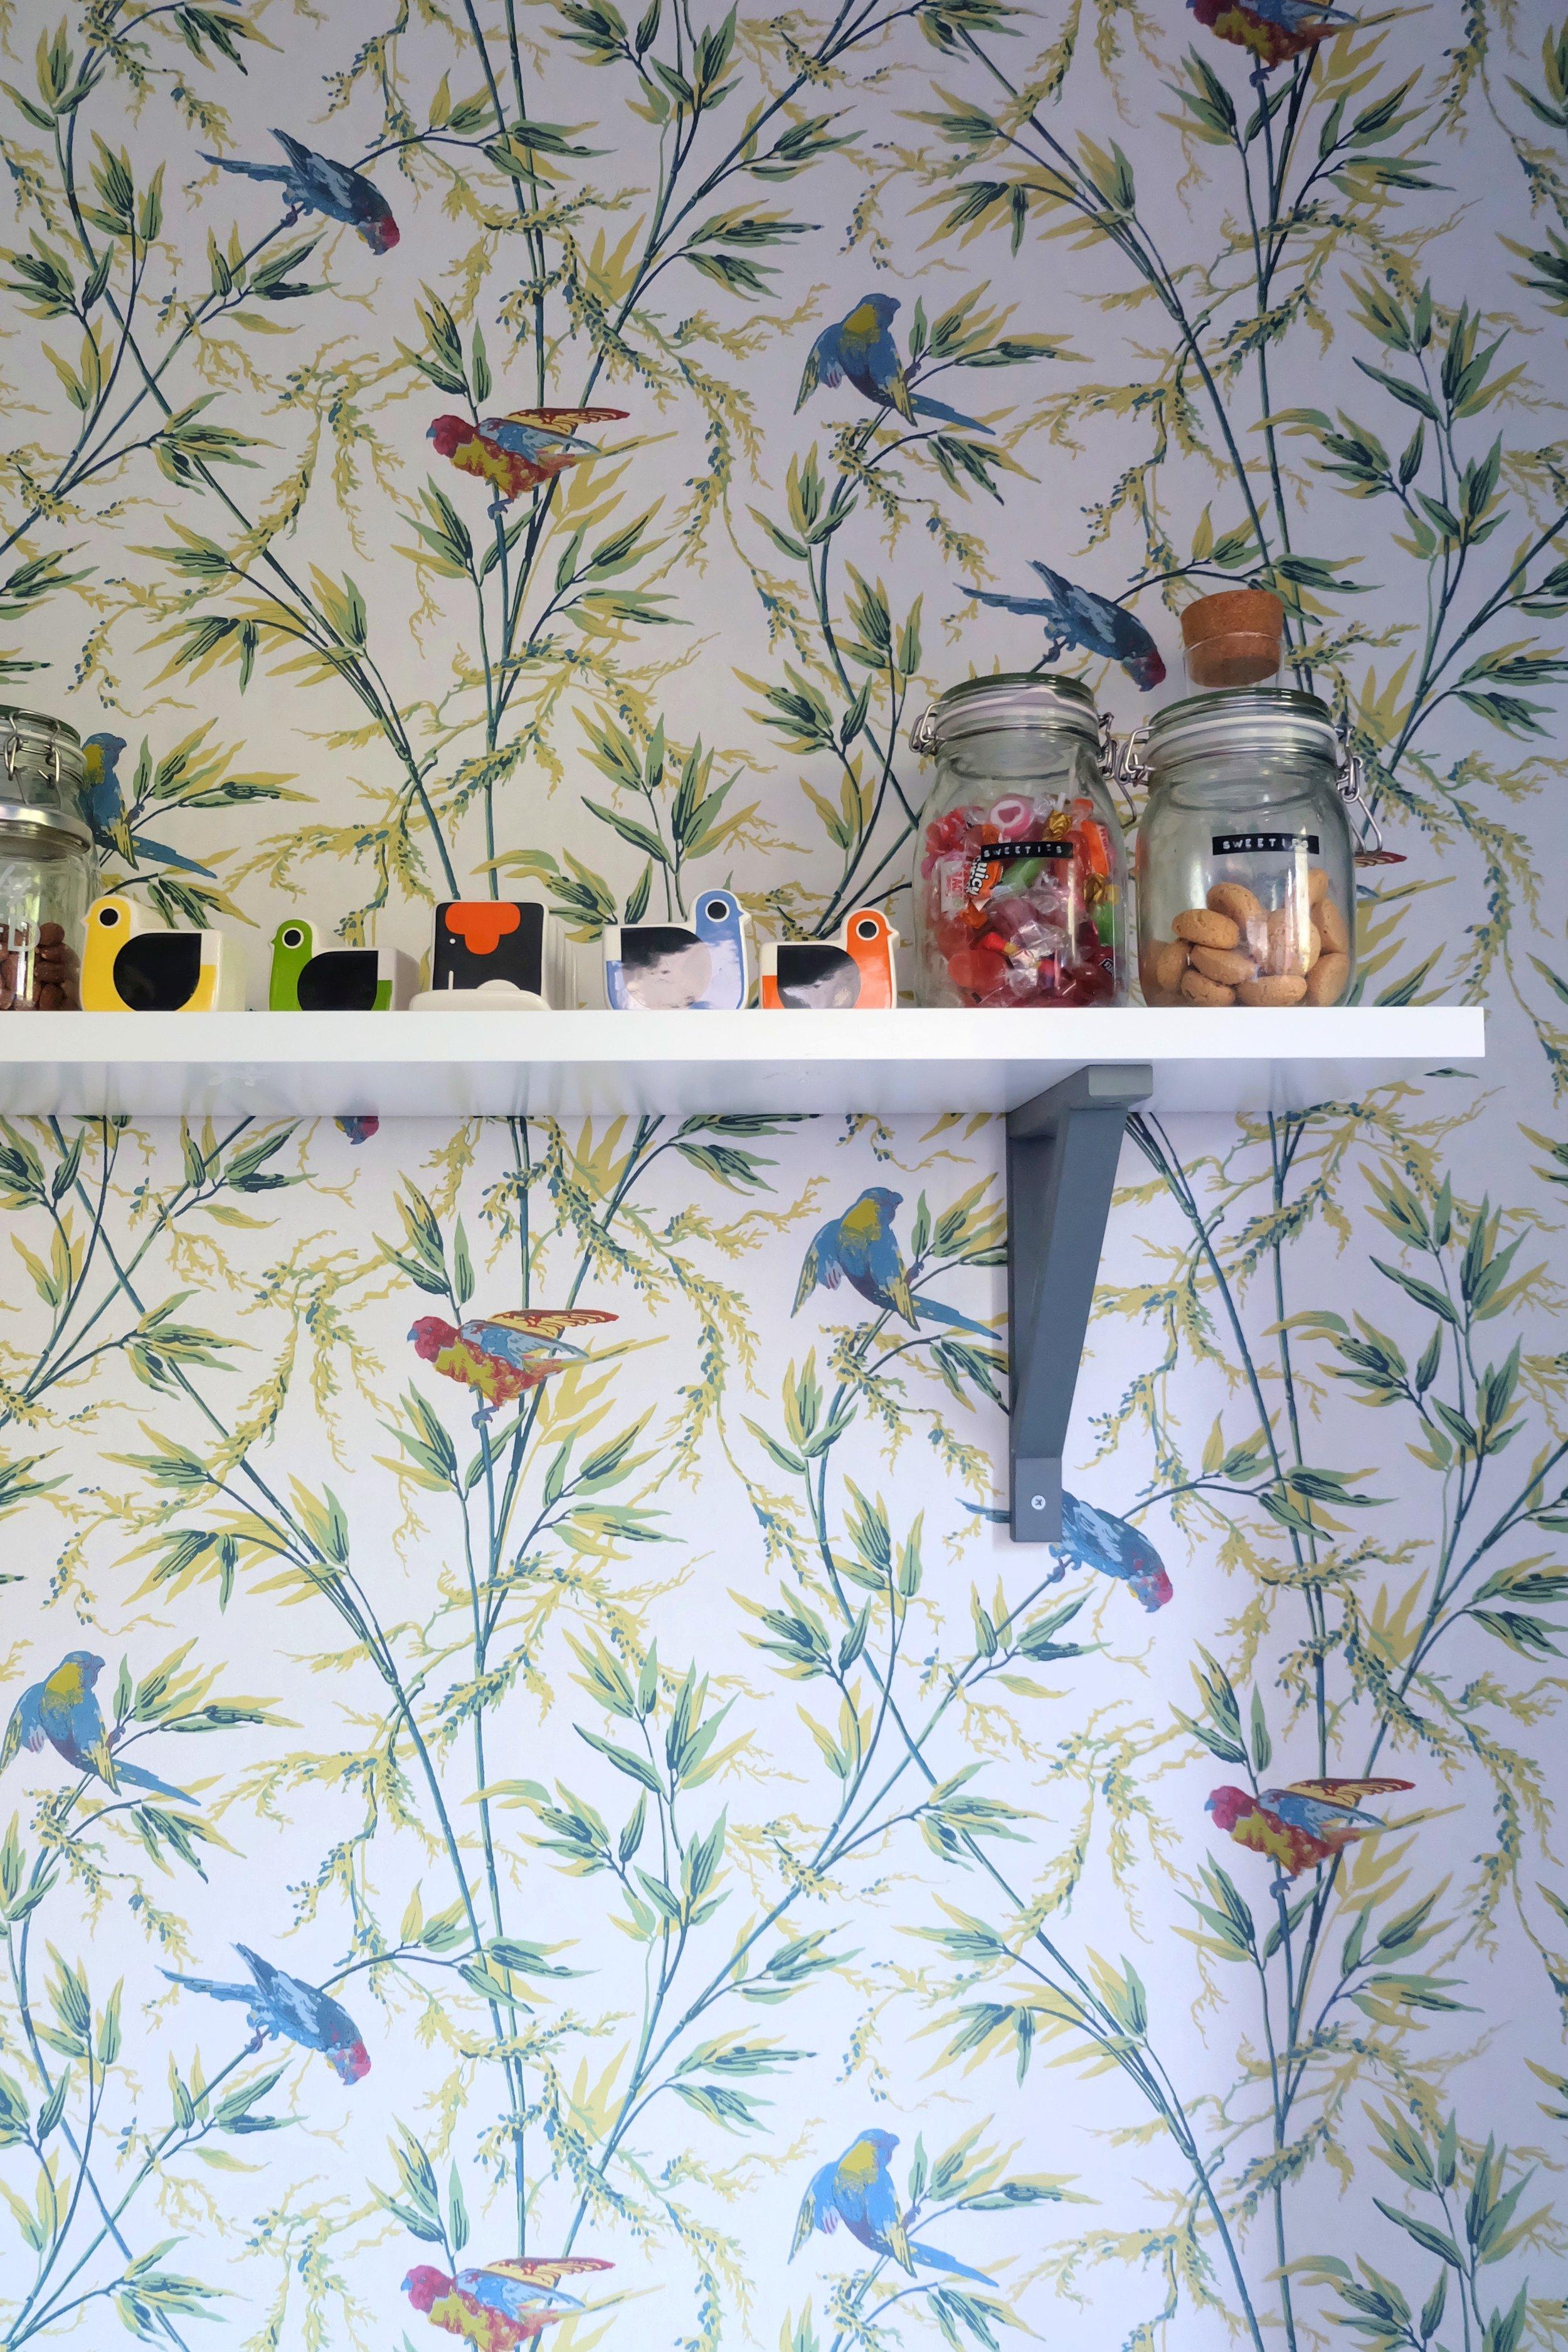 Floral bird wallpaper